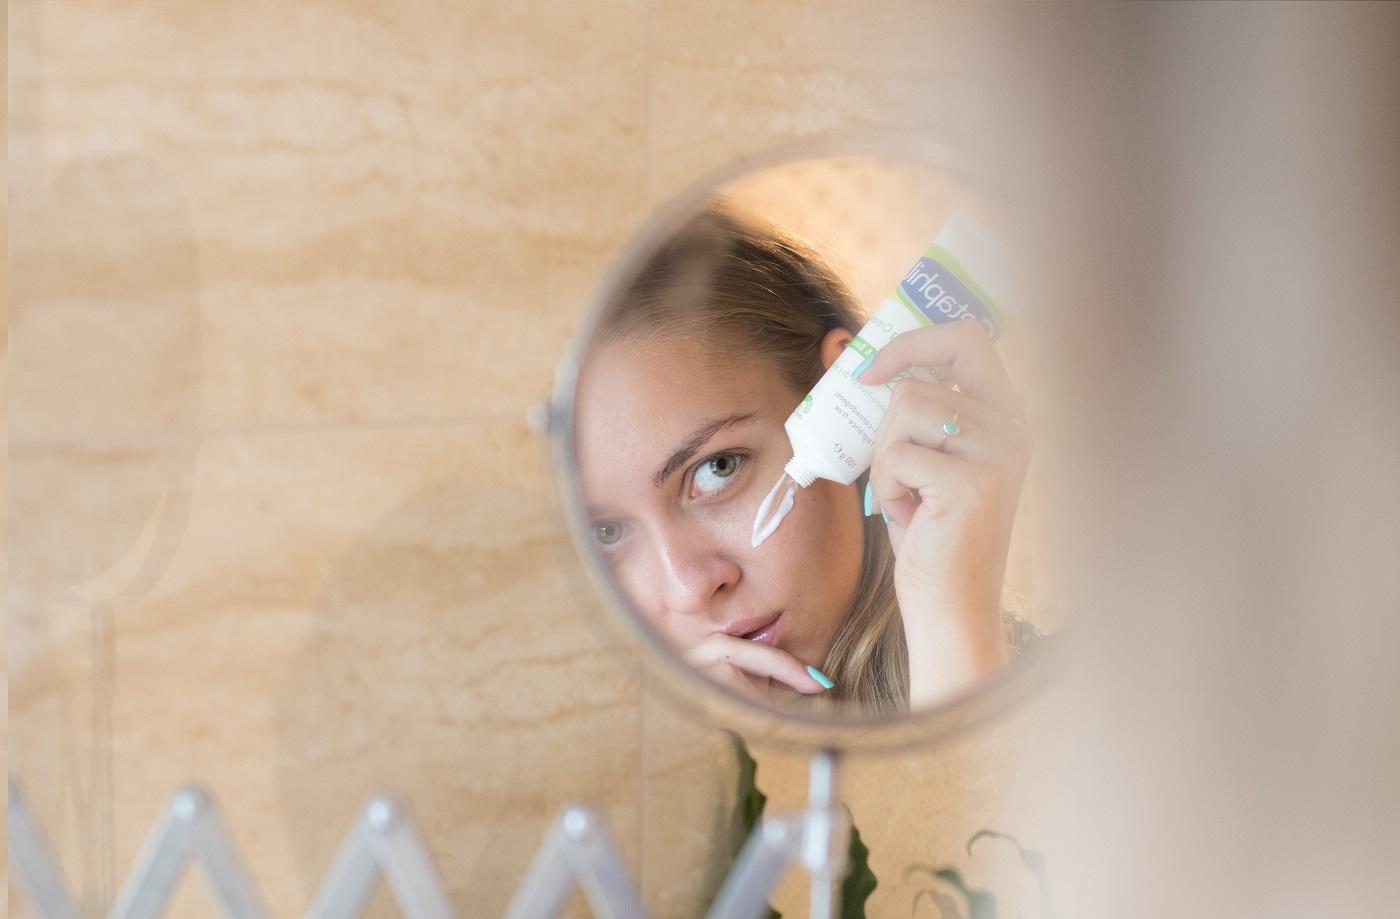 hogyan kell kezelni a pikkelysömör fején a kátrányt